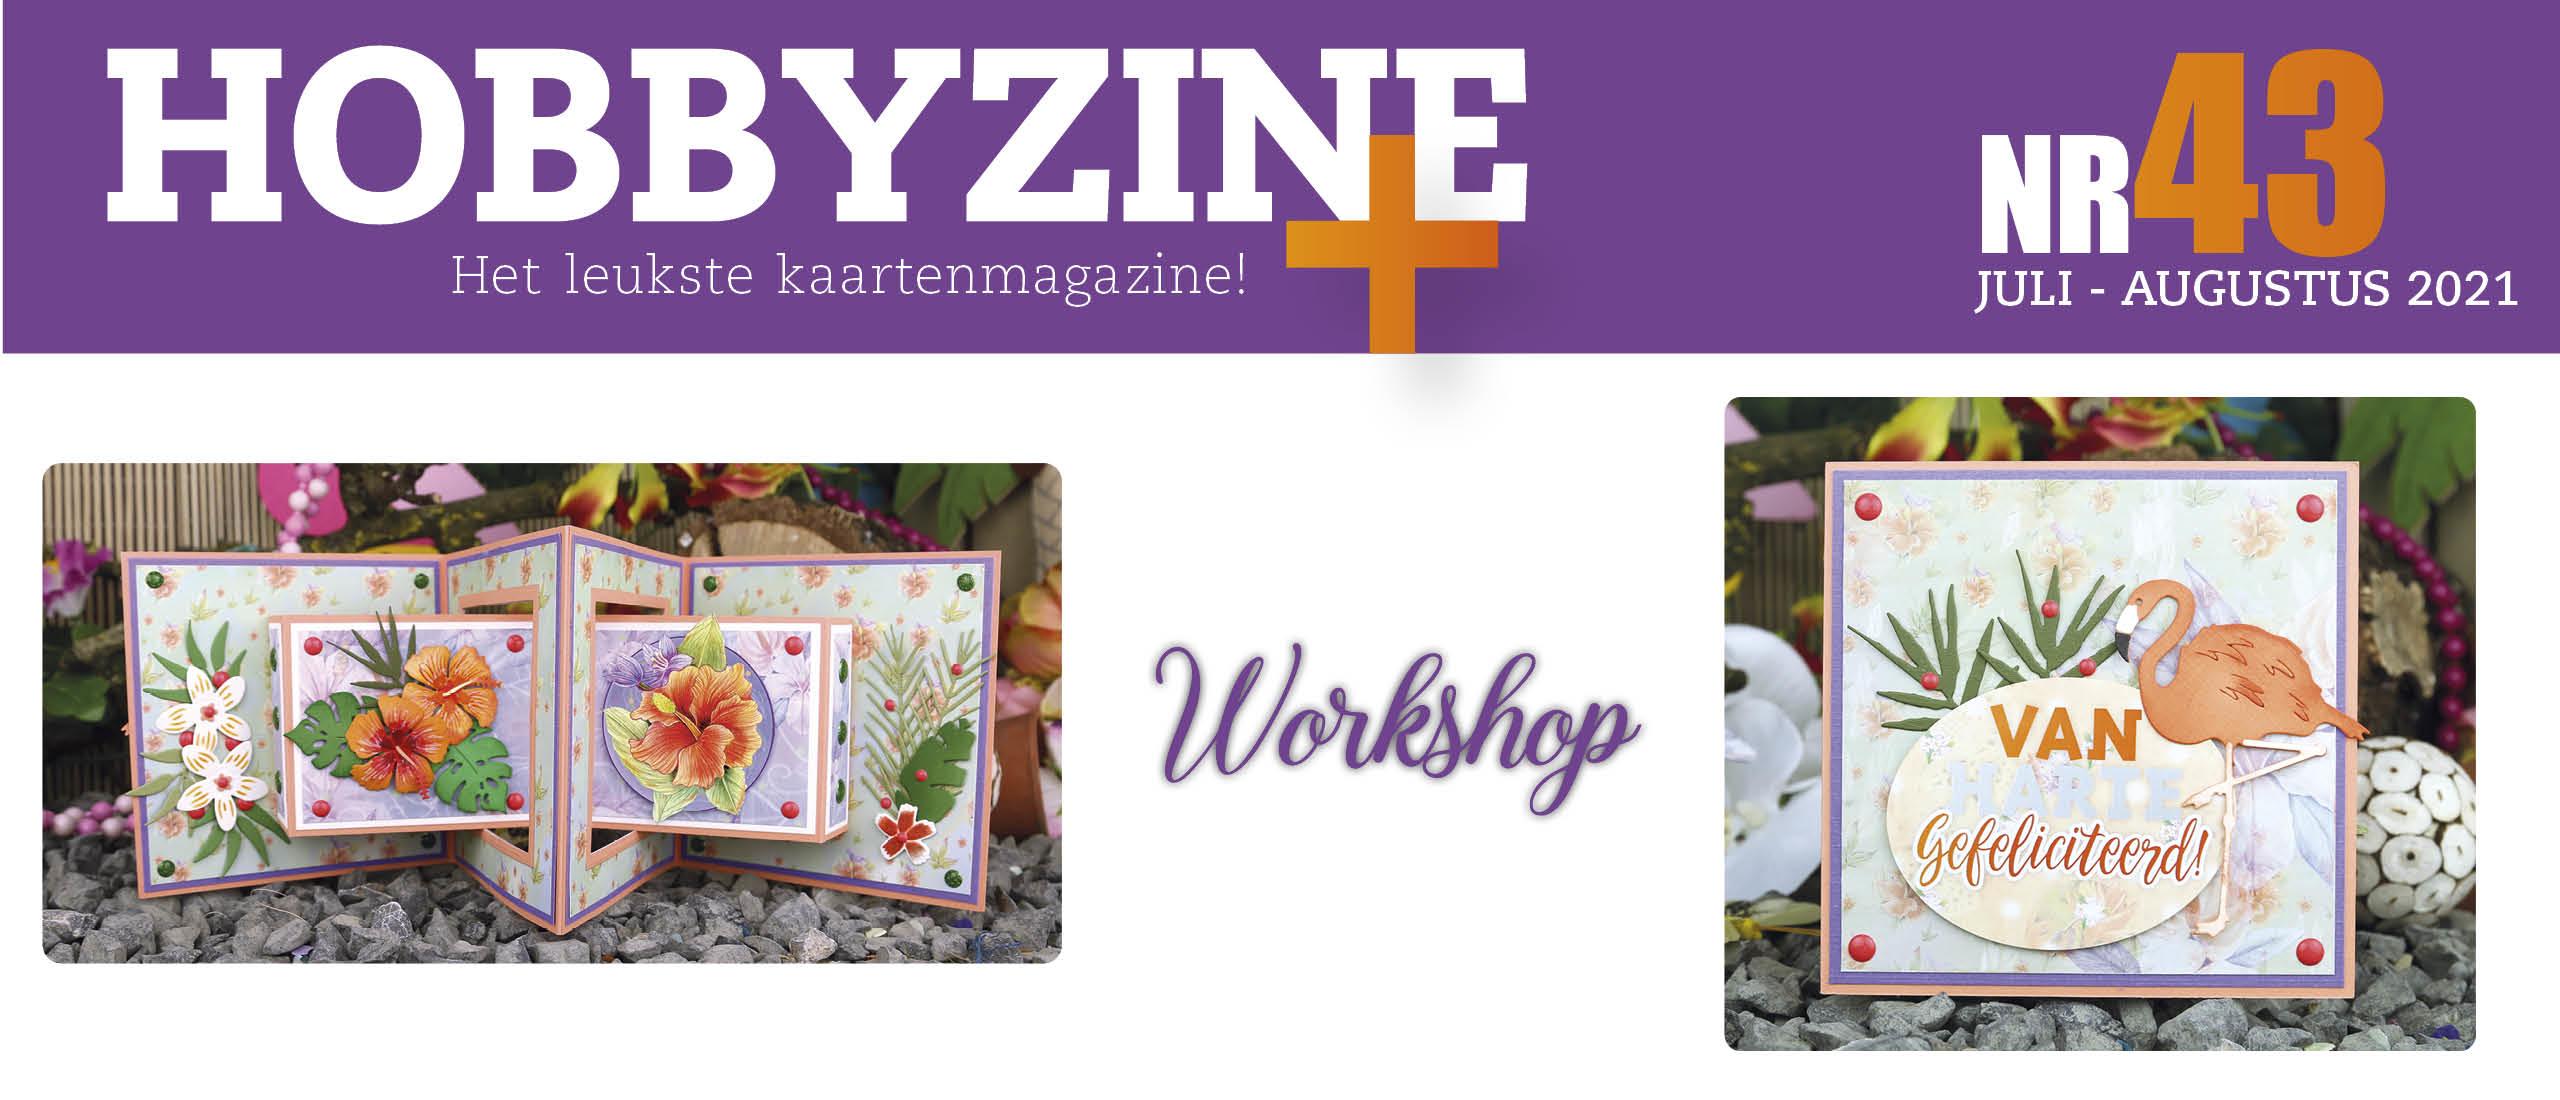 Workshop Hobbyzine 43